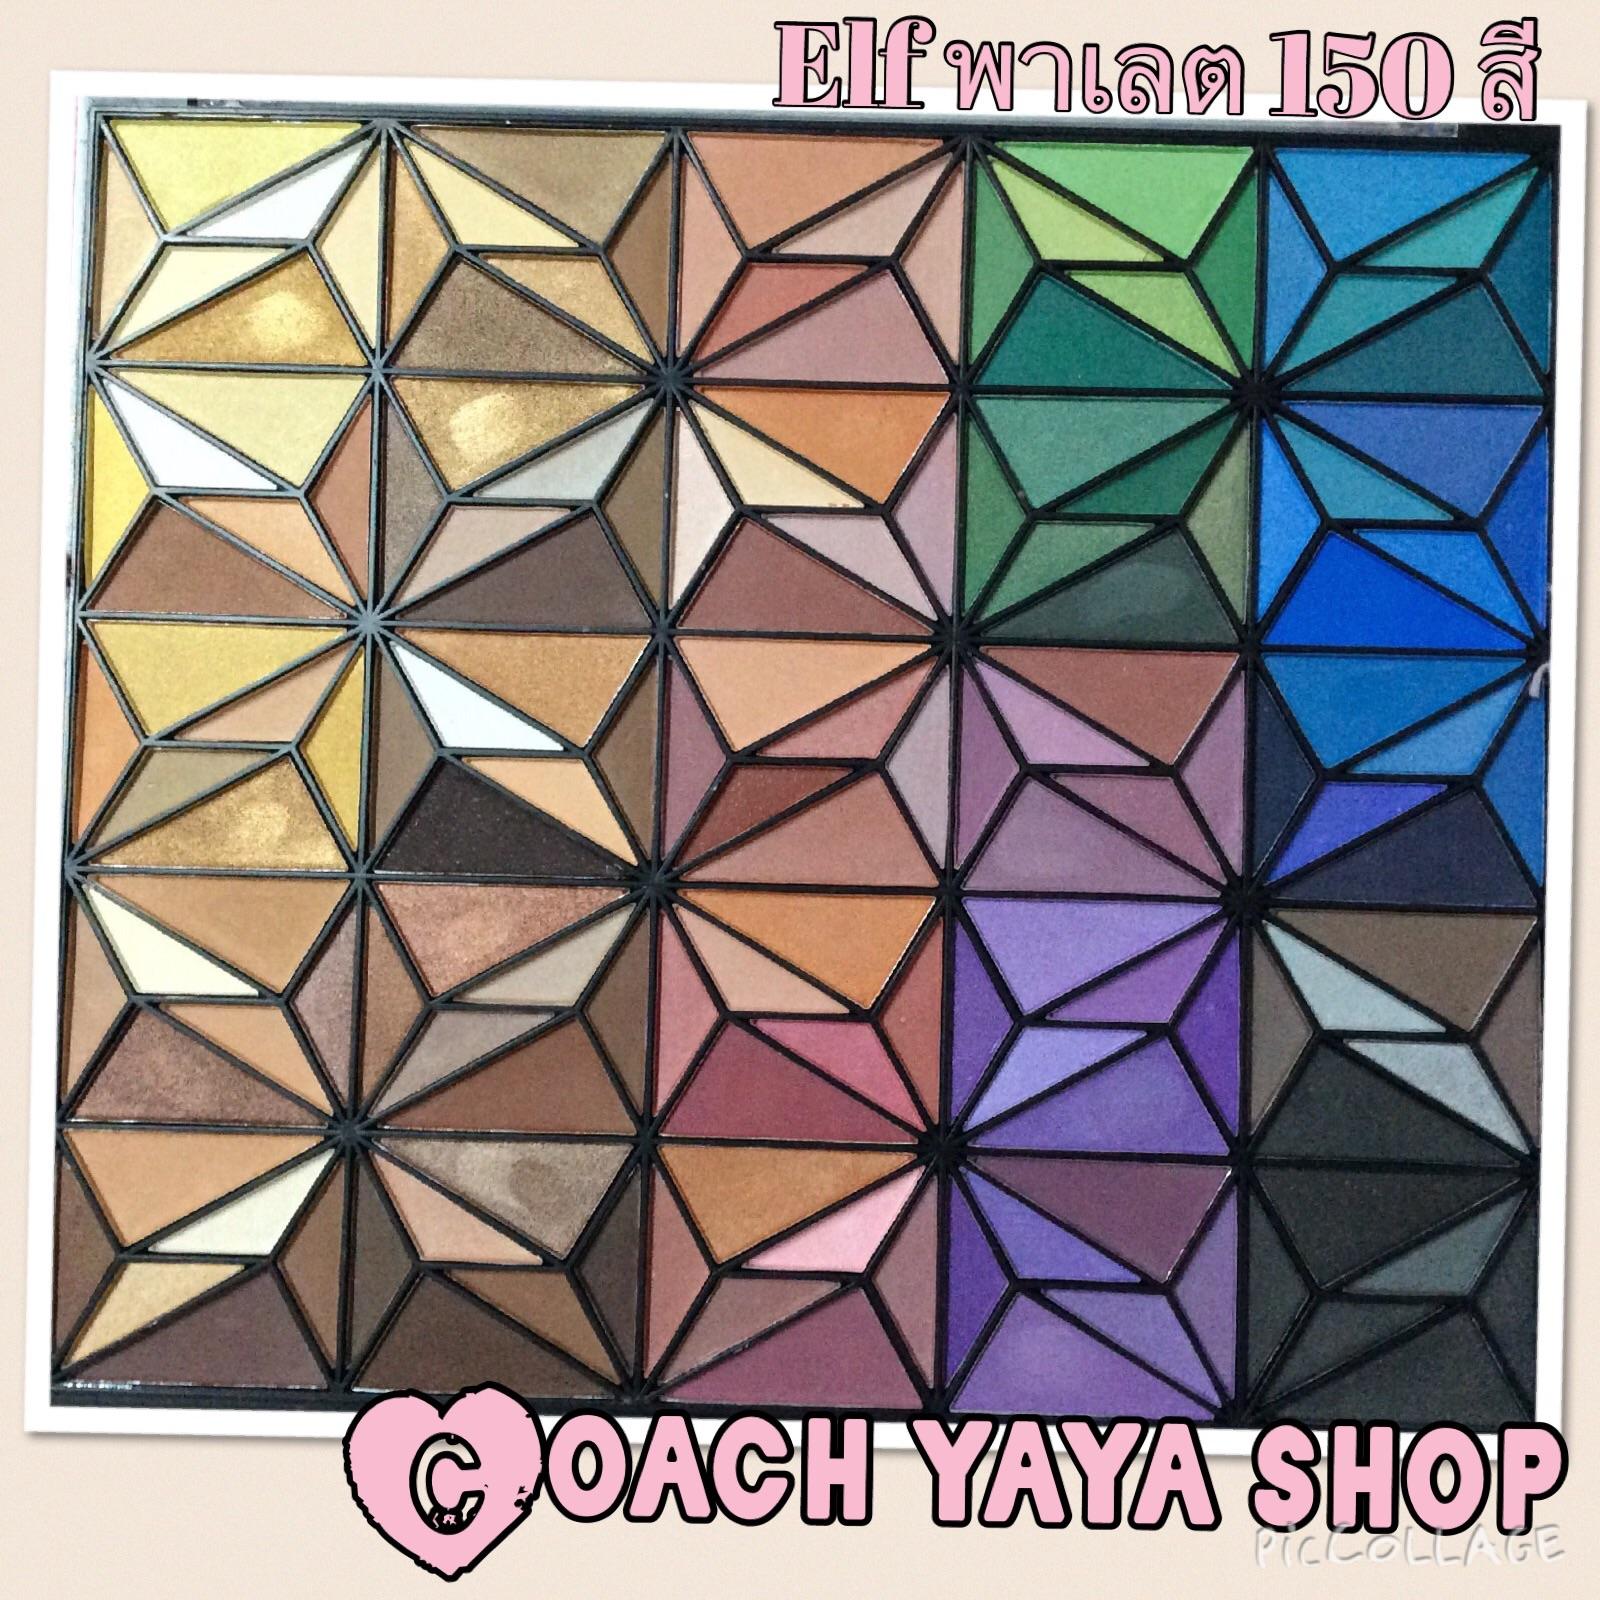 **พร้อมส่งค่ะ+ลด 70%**elf studio Geometric 150 piece eyeshadow palette